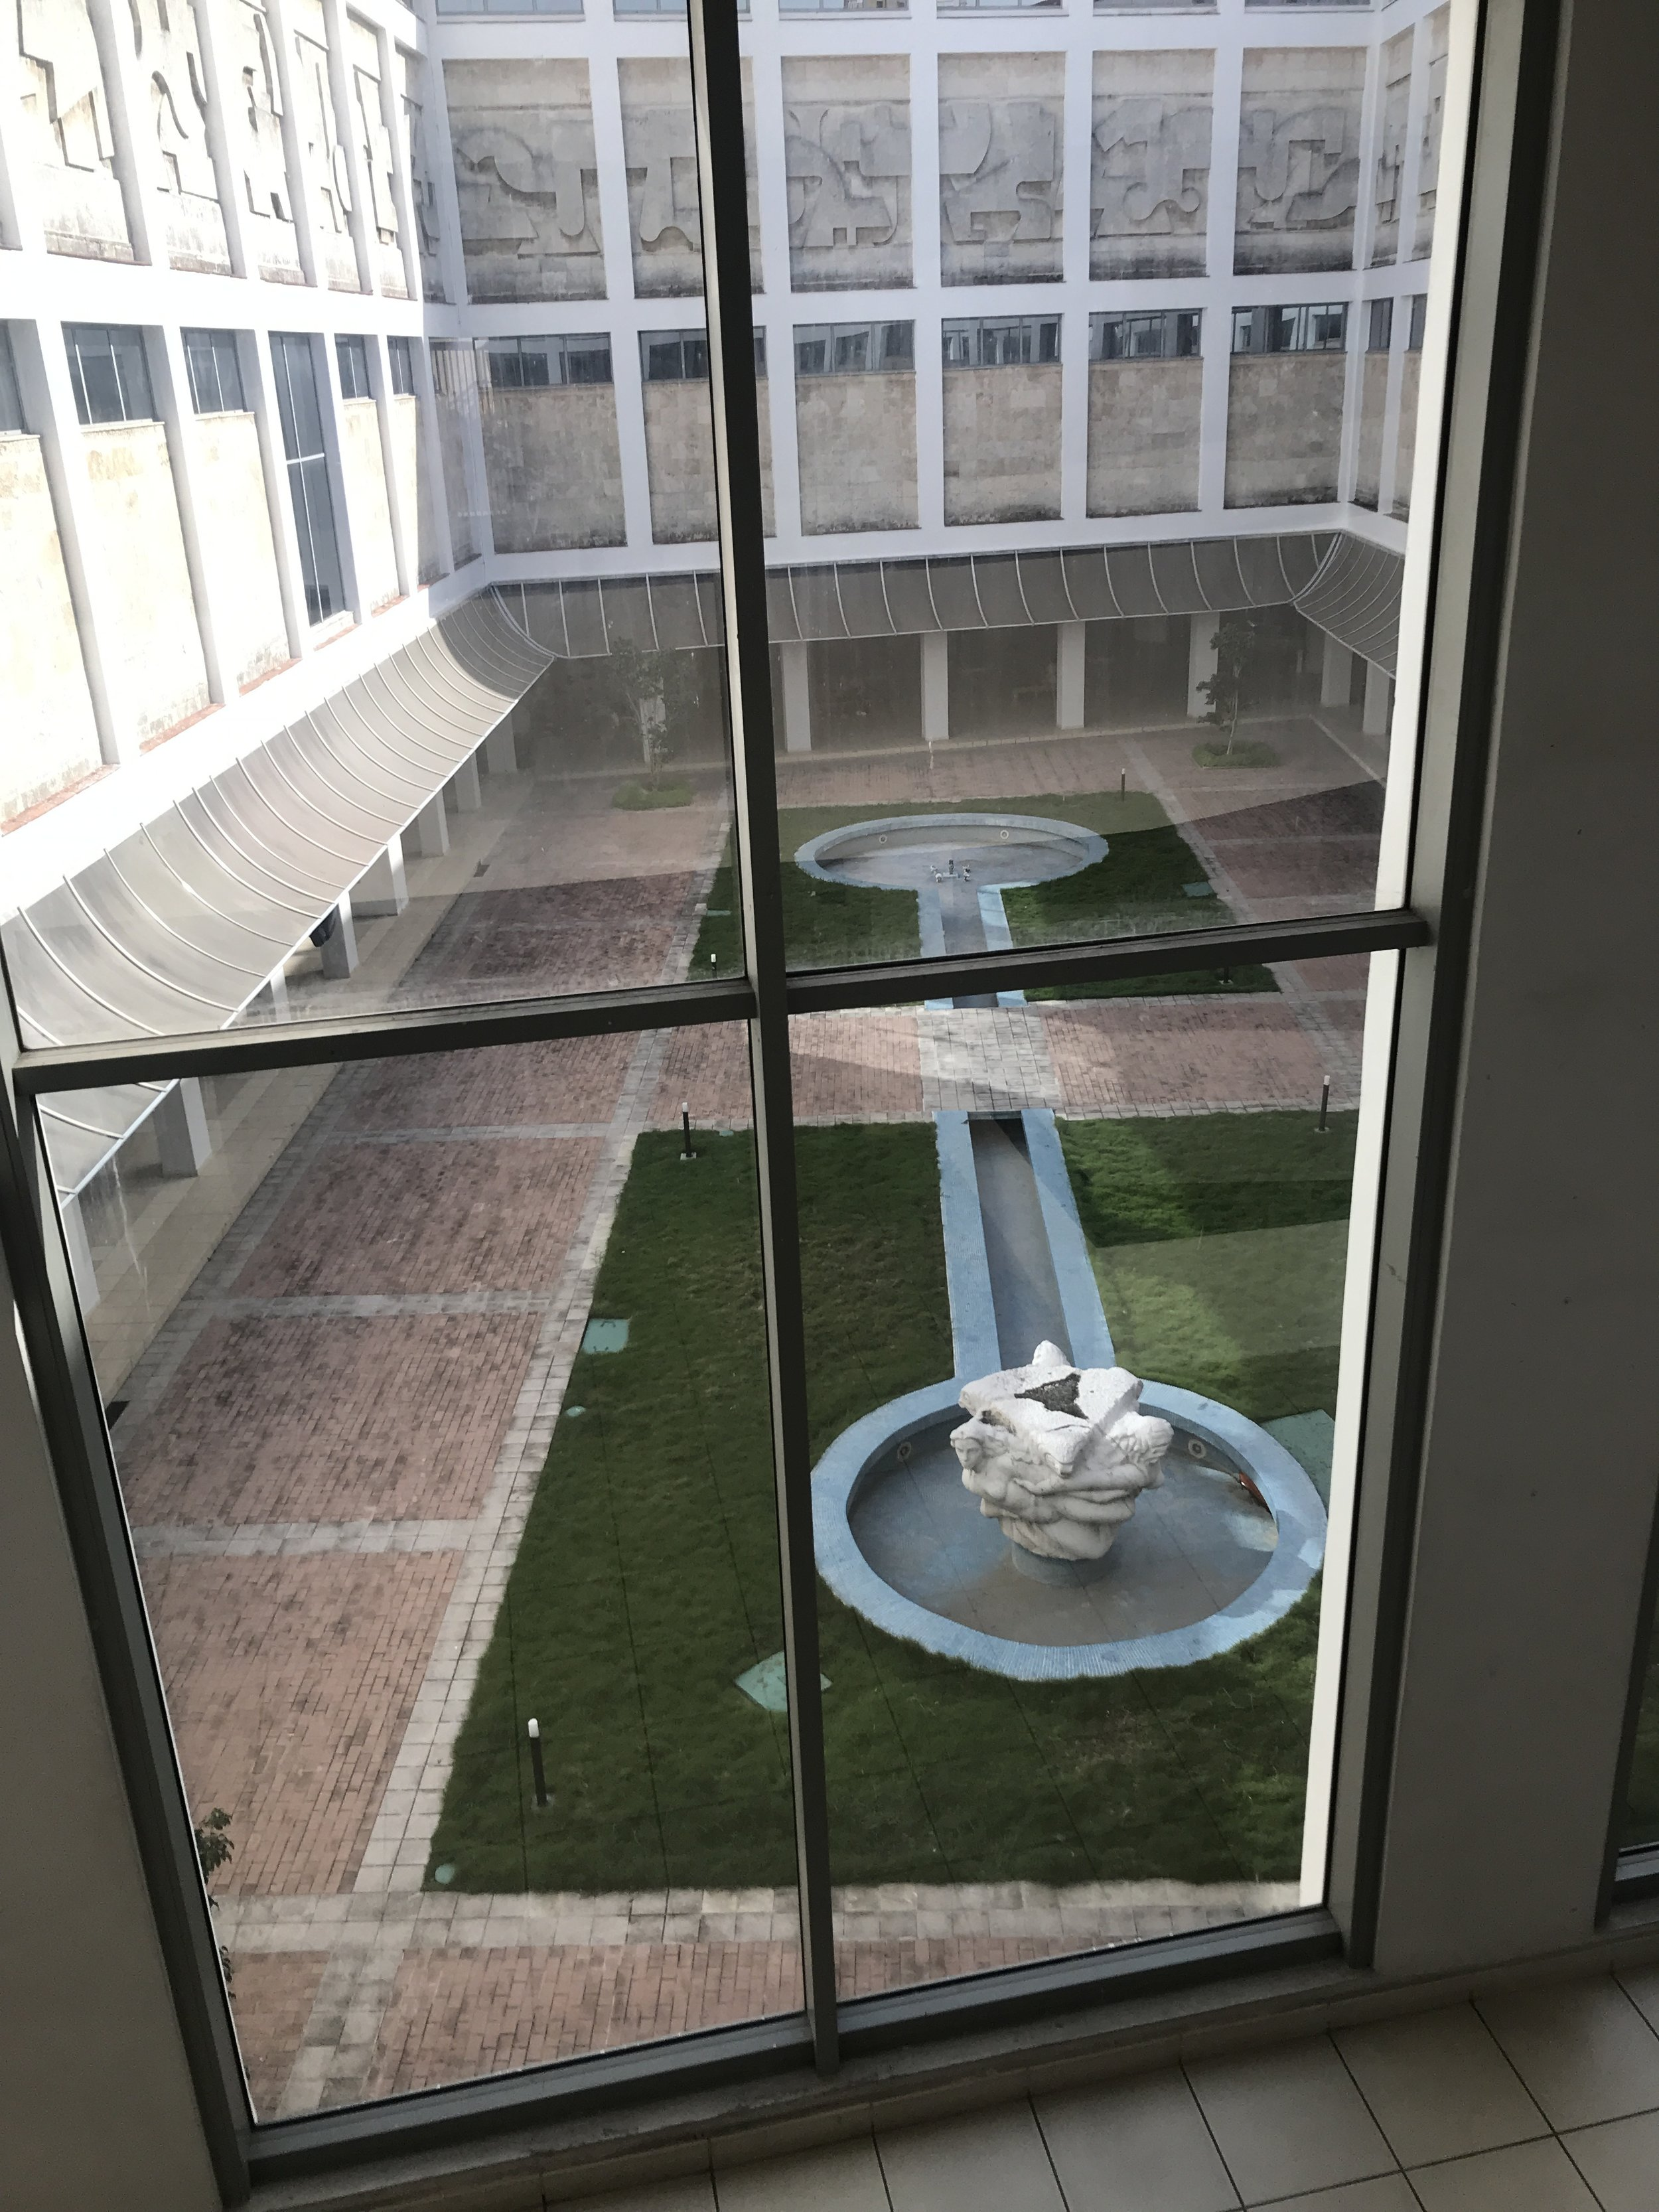 Museo Nacional de Bellas Artes de Cuba 4.jpg